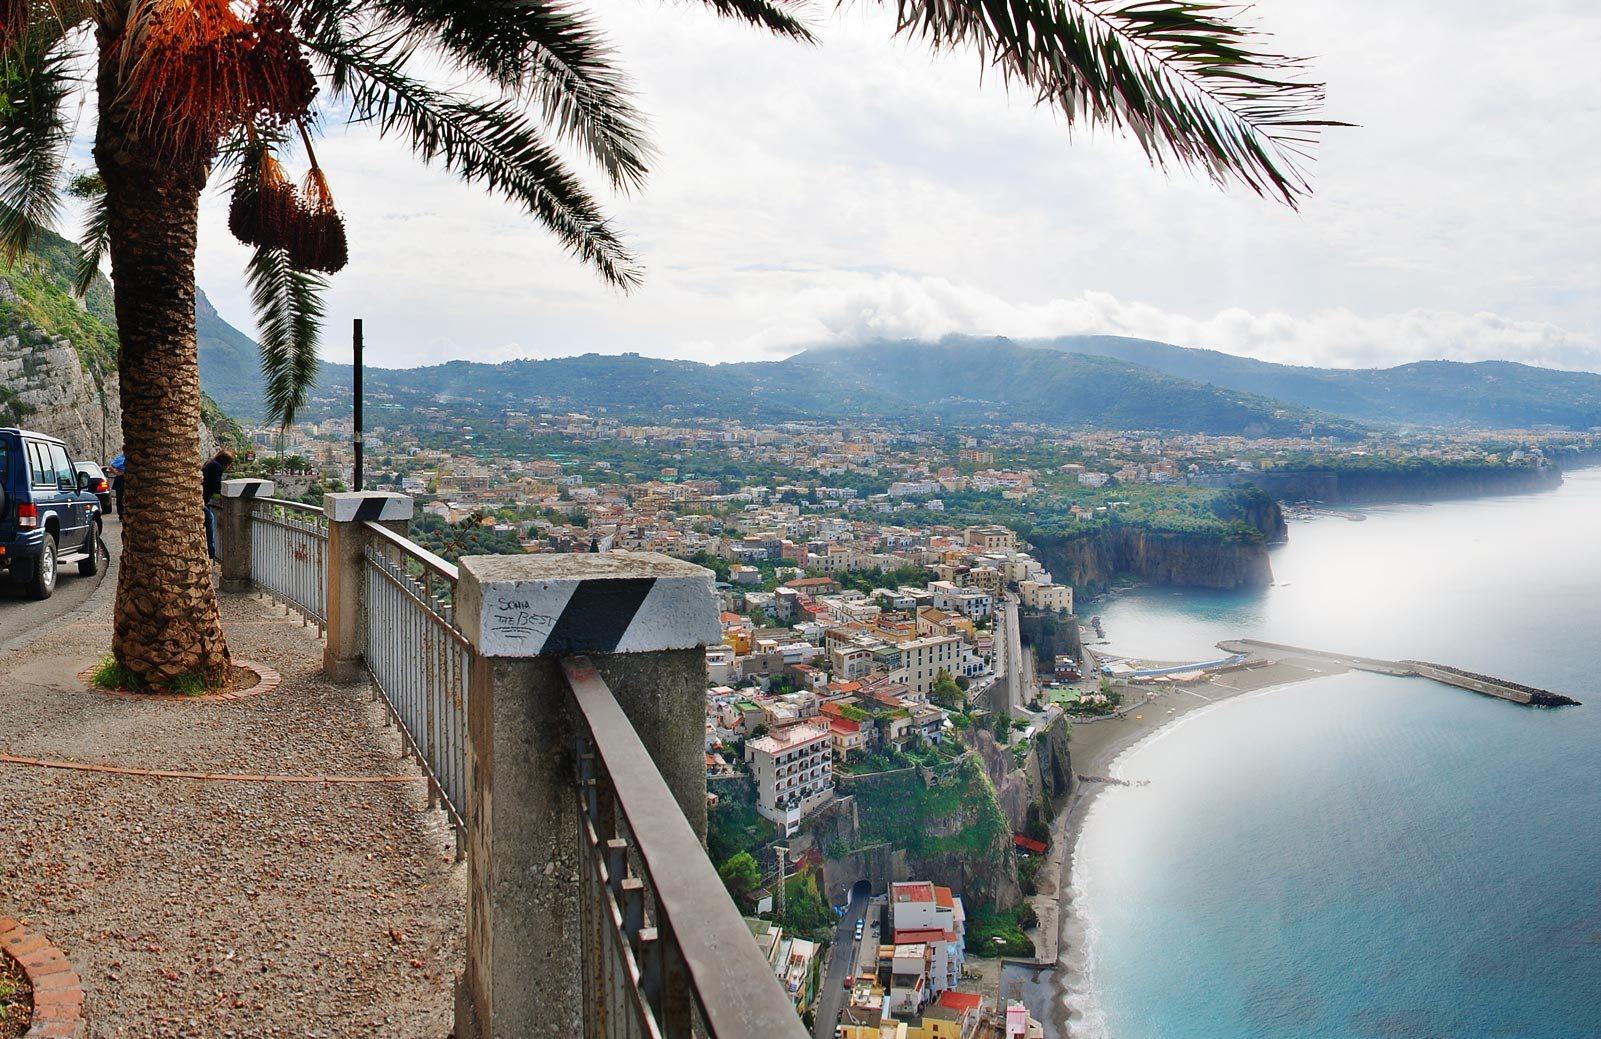 сорренто италия достопримечательности фото онлайн-камер